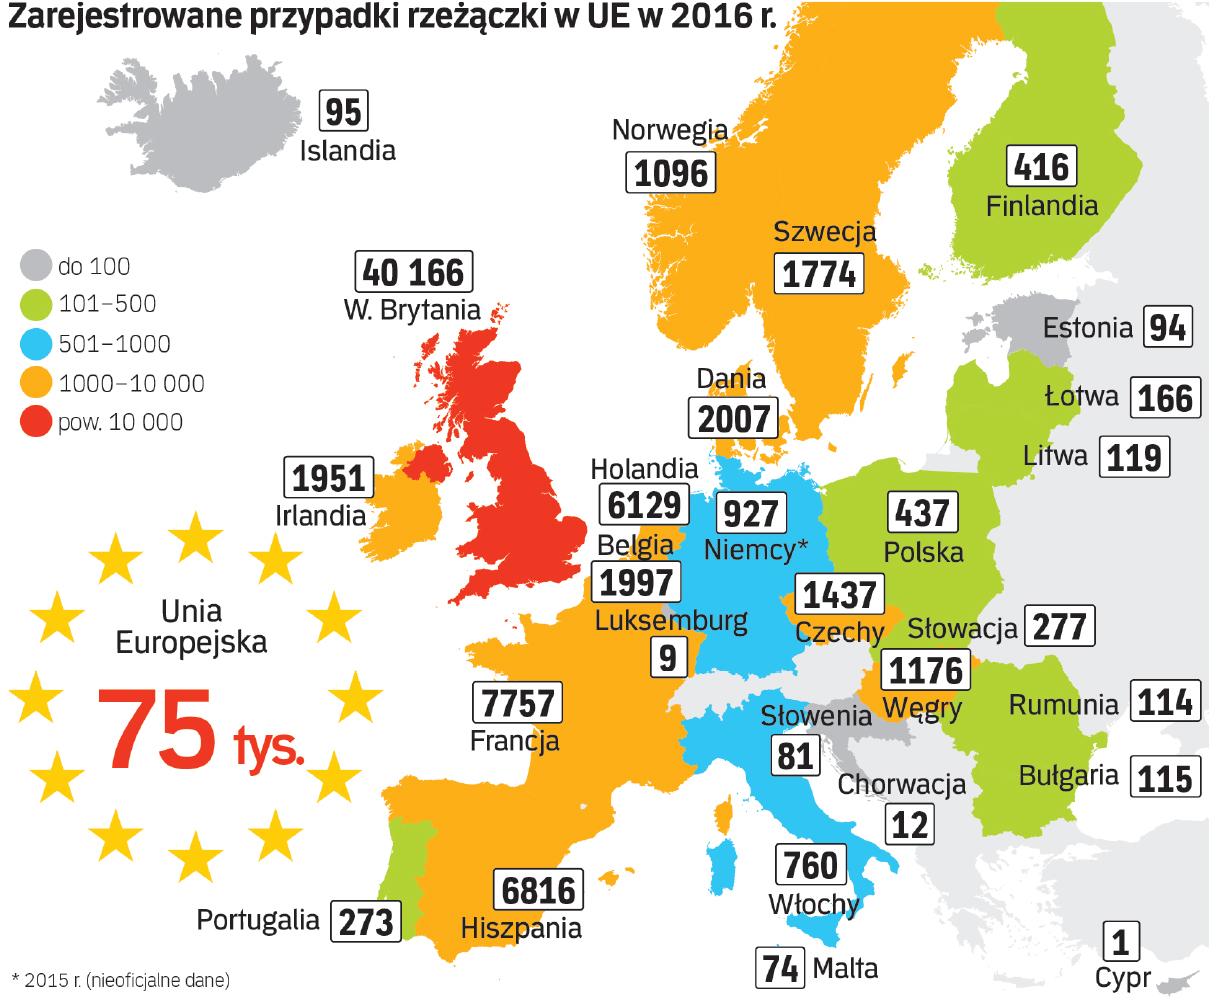 Występowania rzeżączki w UE